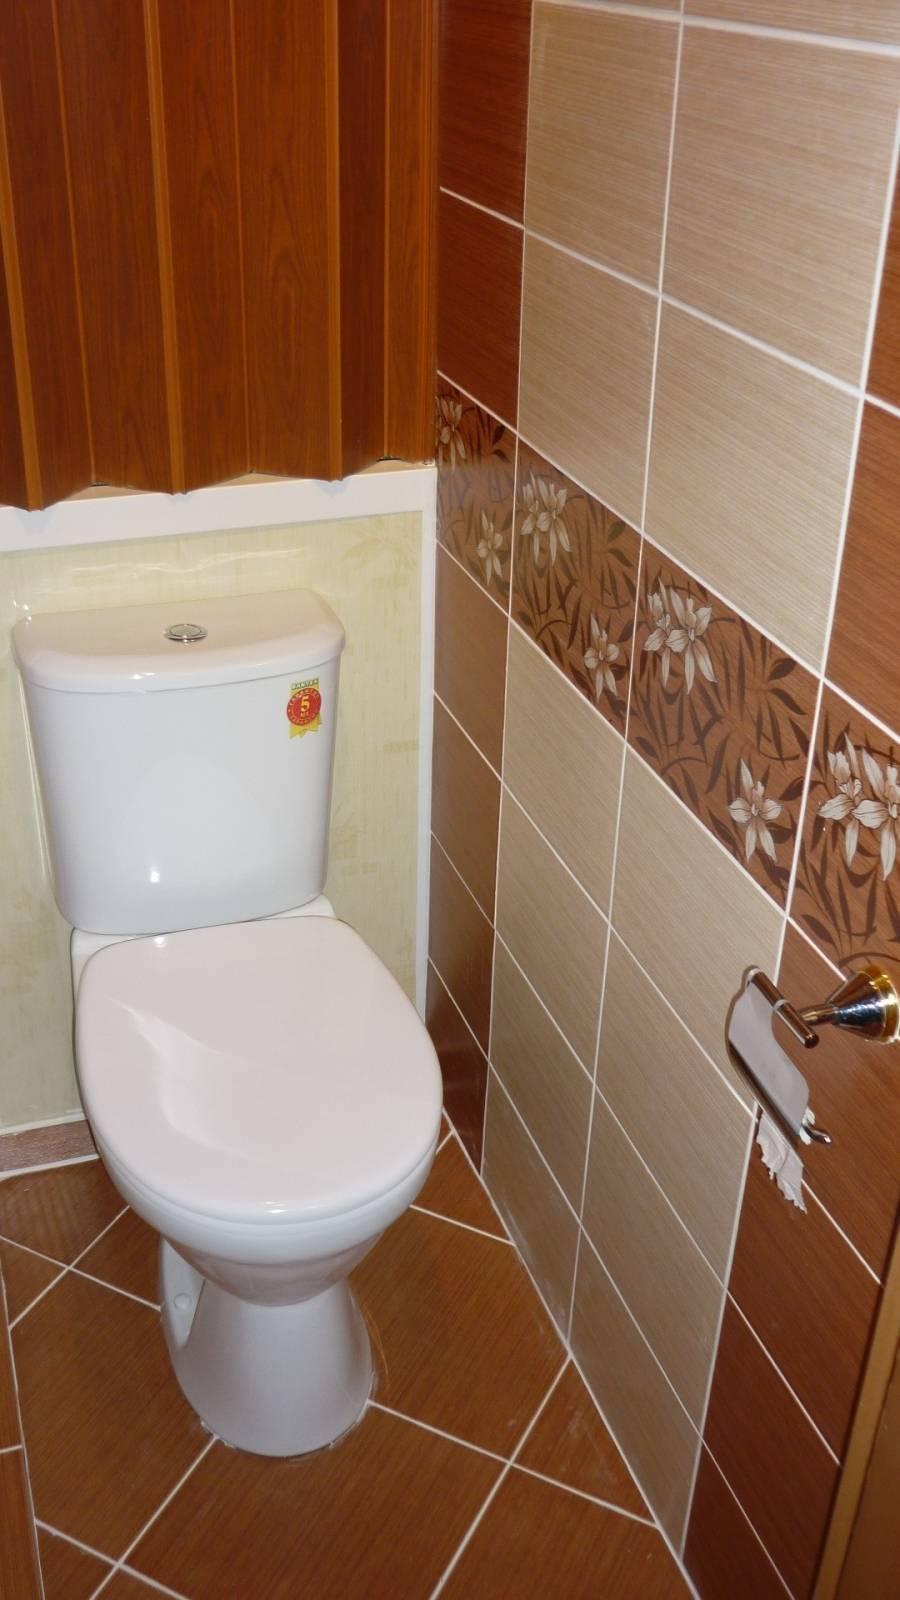 Кафель для туалета: видео-инструкция по монтажу